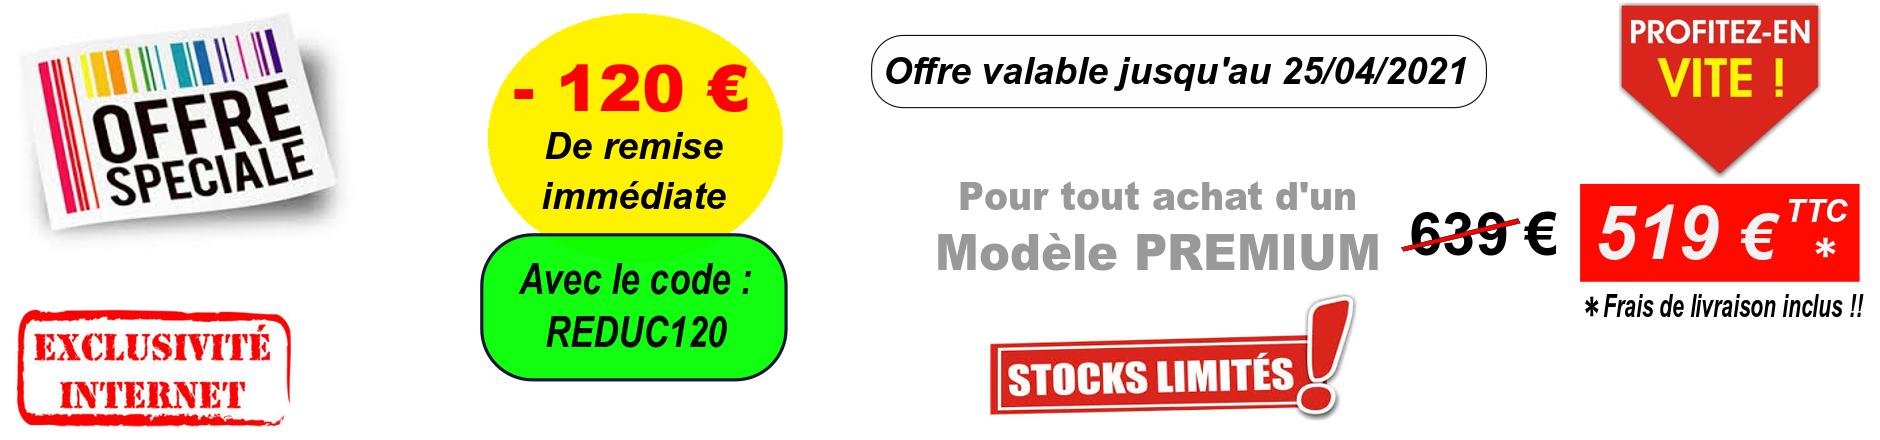 Bandeau_avantage_client_120_sur_Premium